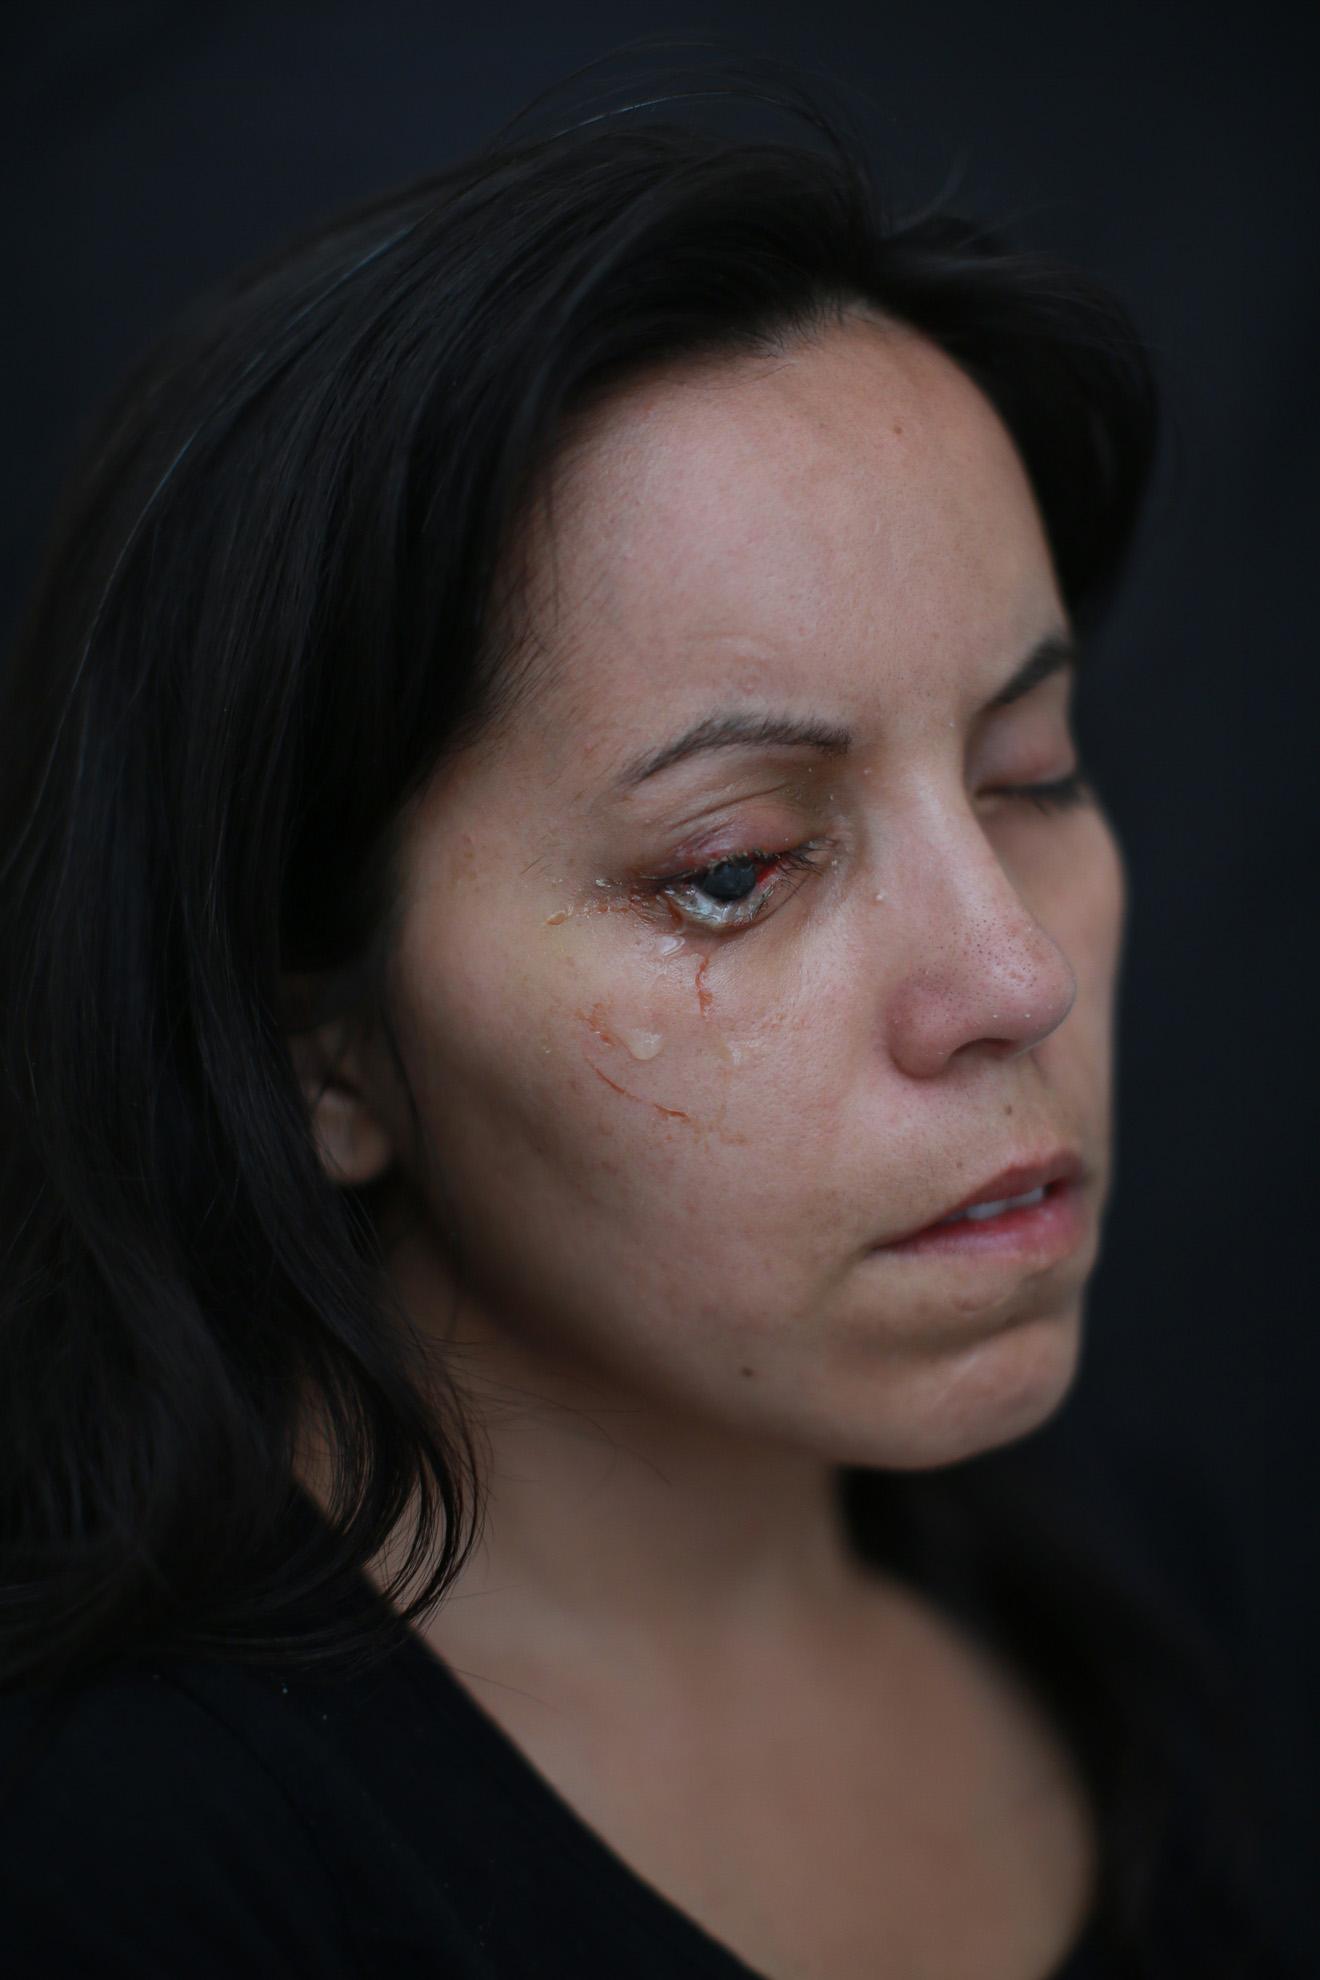 """Marlén Morales (33) operaria de producción de una multitienda nacional. """"Caminaba con mi hija y recibí un perdigón en el ojo en la comuna de Lo Prado. Nunca he participado de alguna marcha. Soy madre soltera de 3 hijos, no sabe cuánto lamento haber salido a caminar aquel día, tengo perdida total de mi vista""""."""